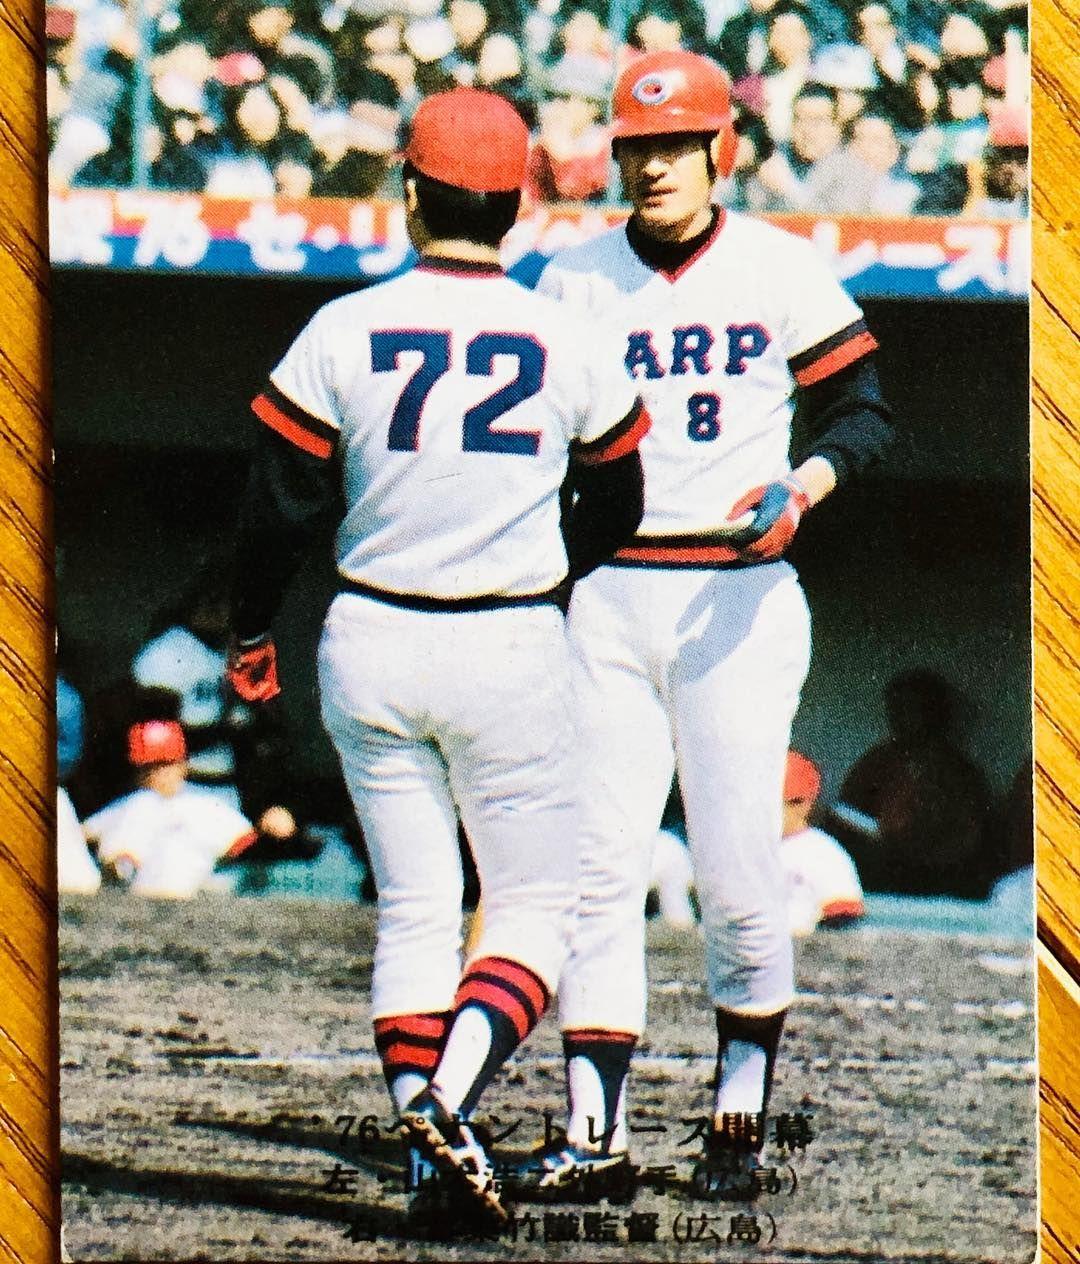 画像に含まれている可能性があるもの:1人、野球   Baseball, Sports ...